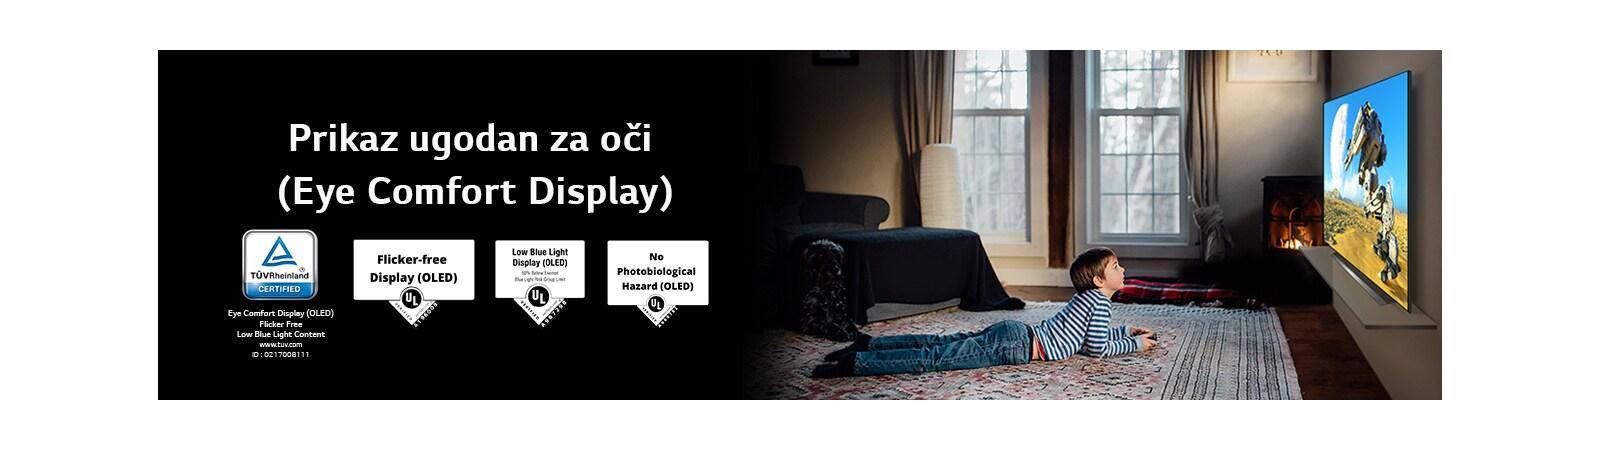 Prikaz s bočne strane dječaka koji leži i gleda TV naziva Eye Comfort Display